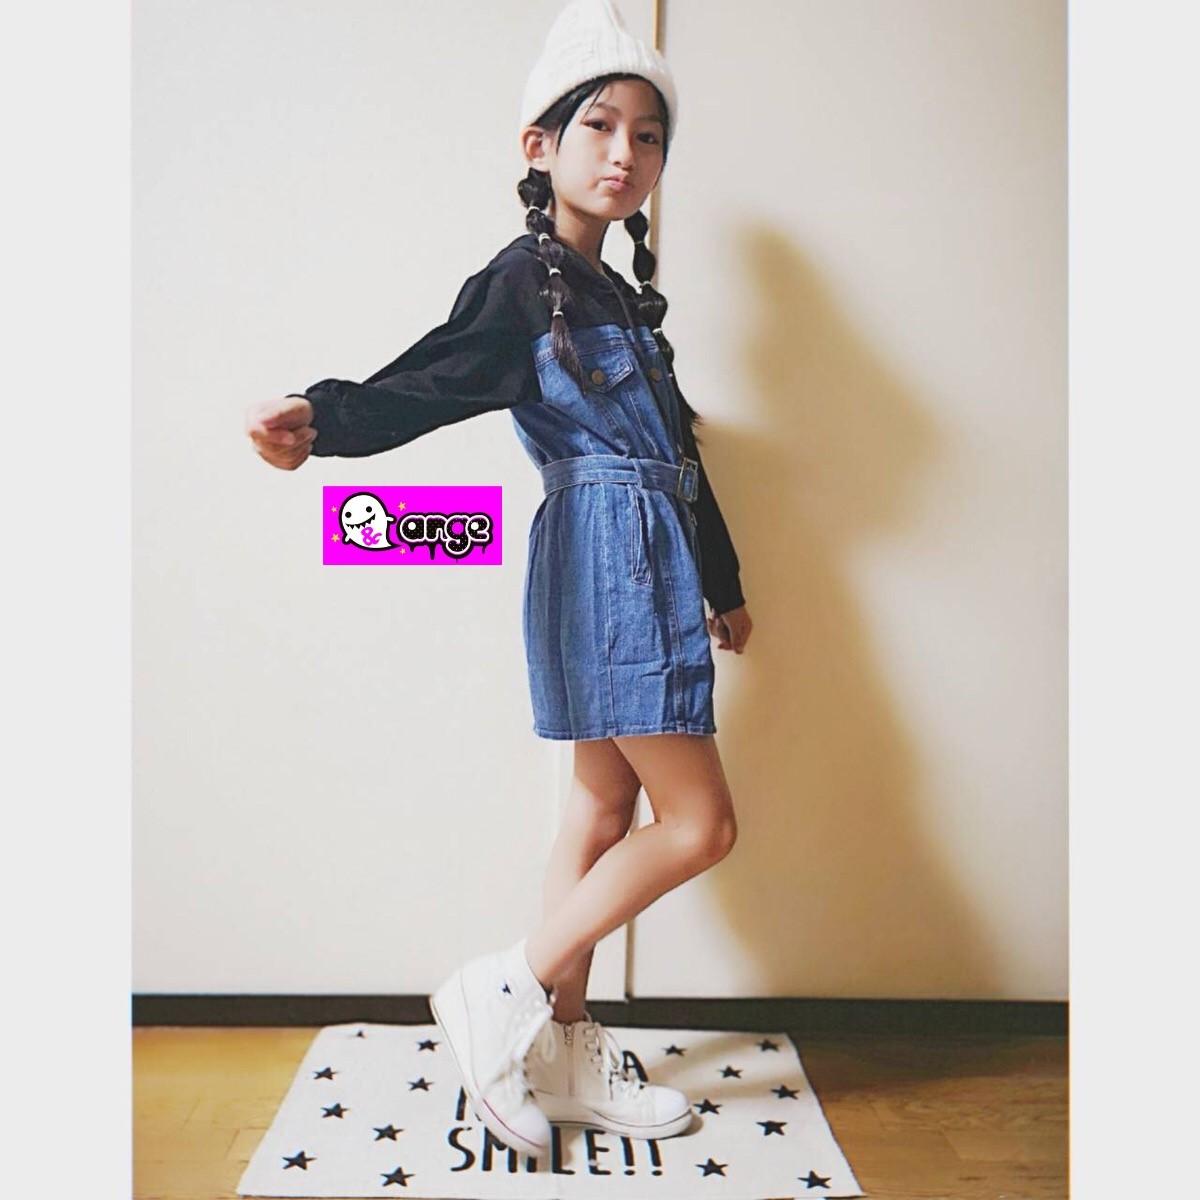 韓国子供服 キッズ デニム×パーカー ワンピース (インスタモデル、むーちゃんTYPE)